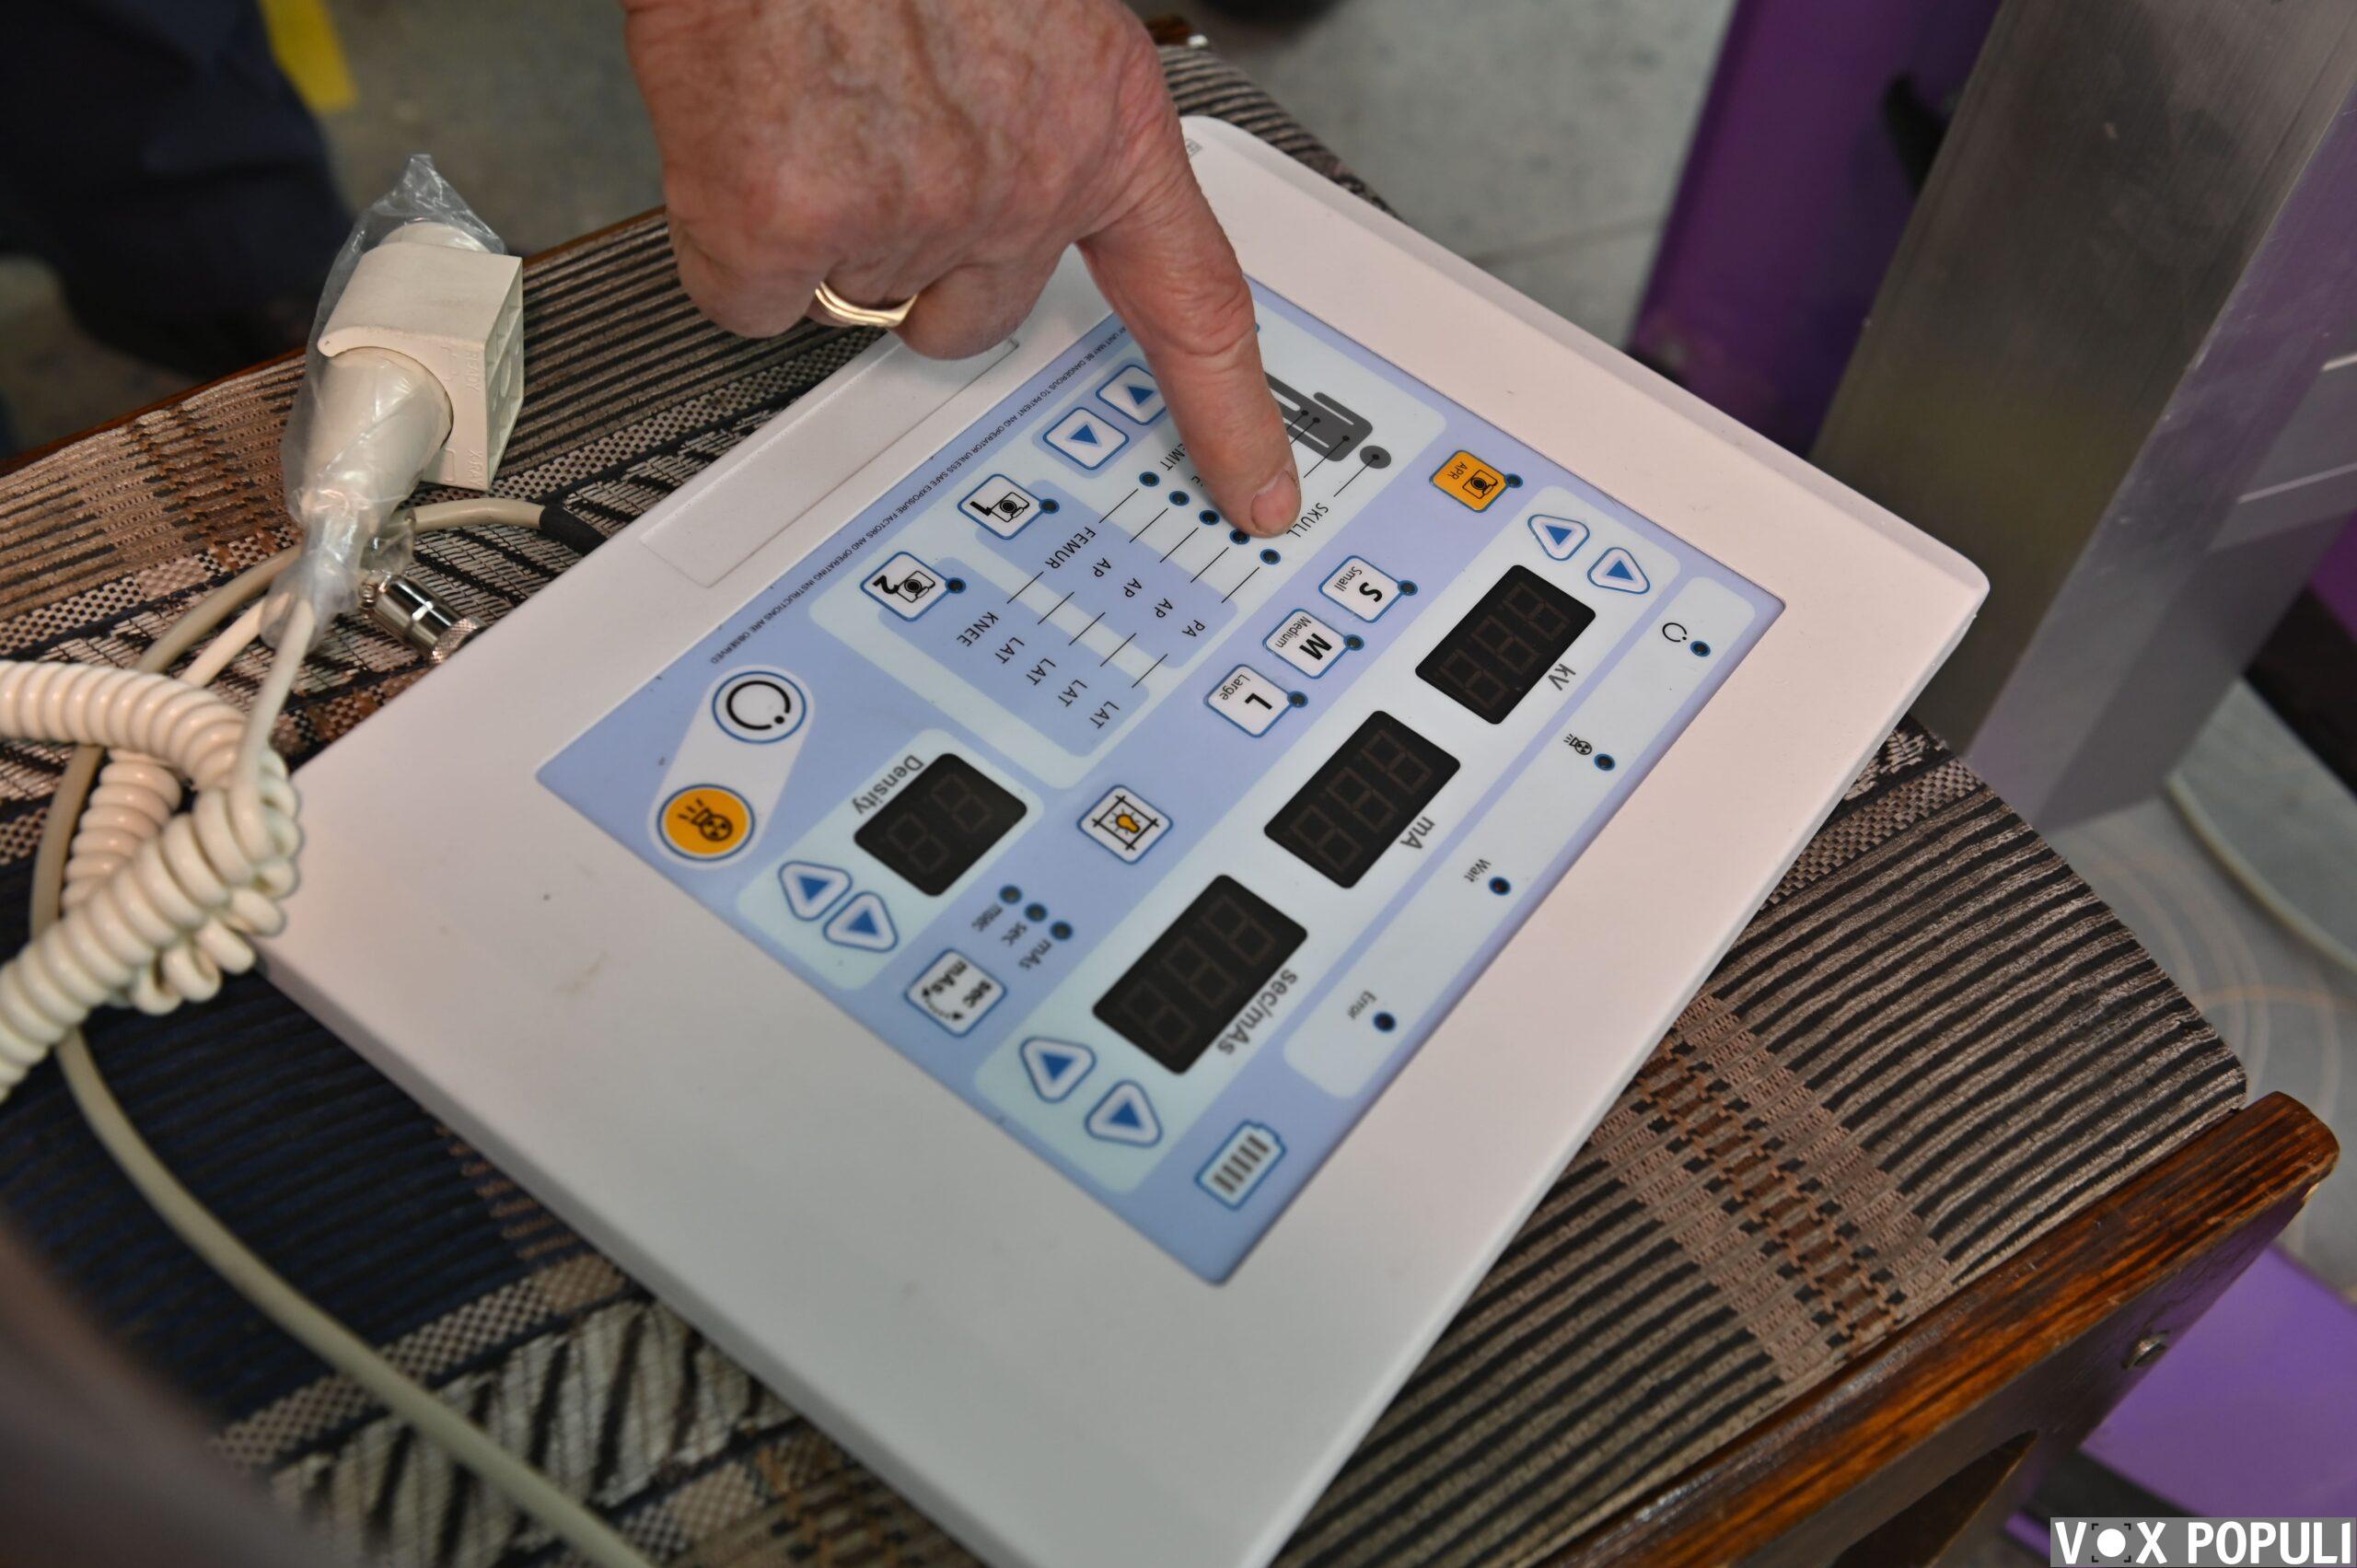 производство рентгенаппаратов